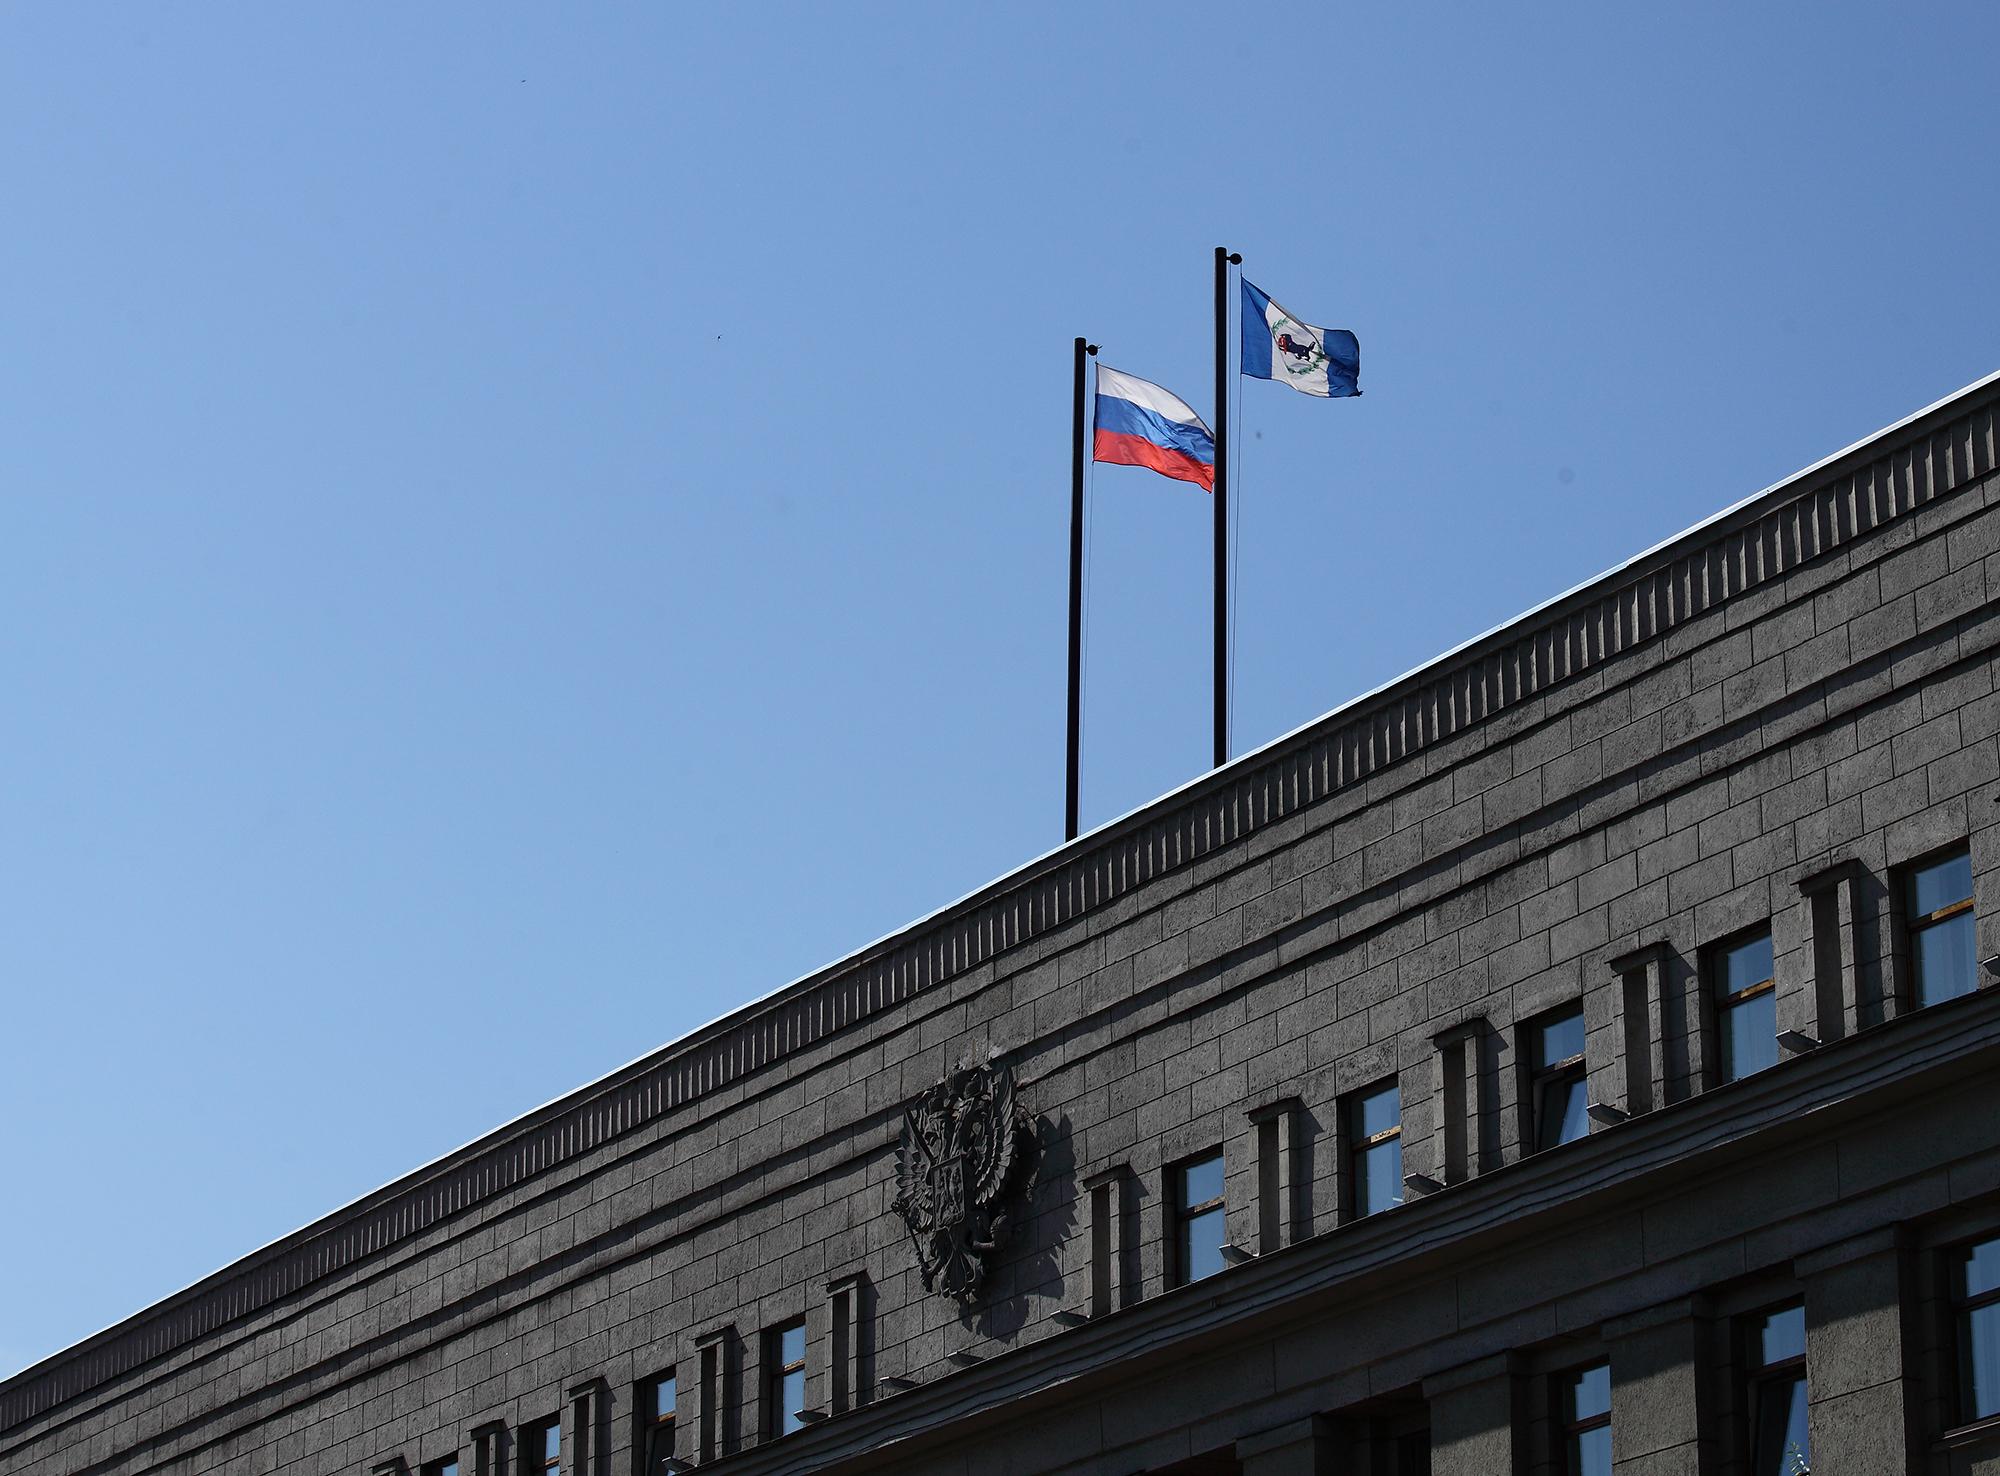 Поправками Губернатора Иркутской области ко второму чтению регионального бюджета перераспределено более полумиллиарда рублей